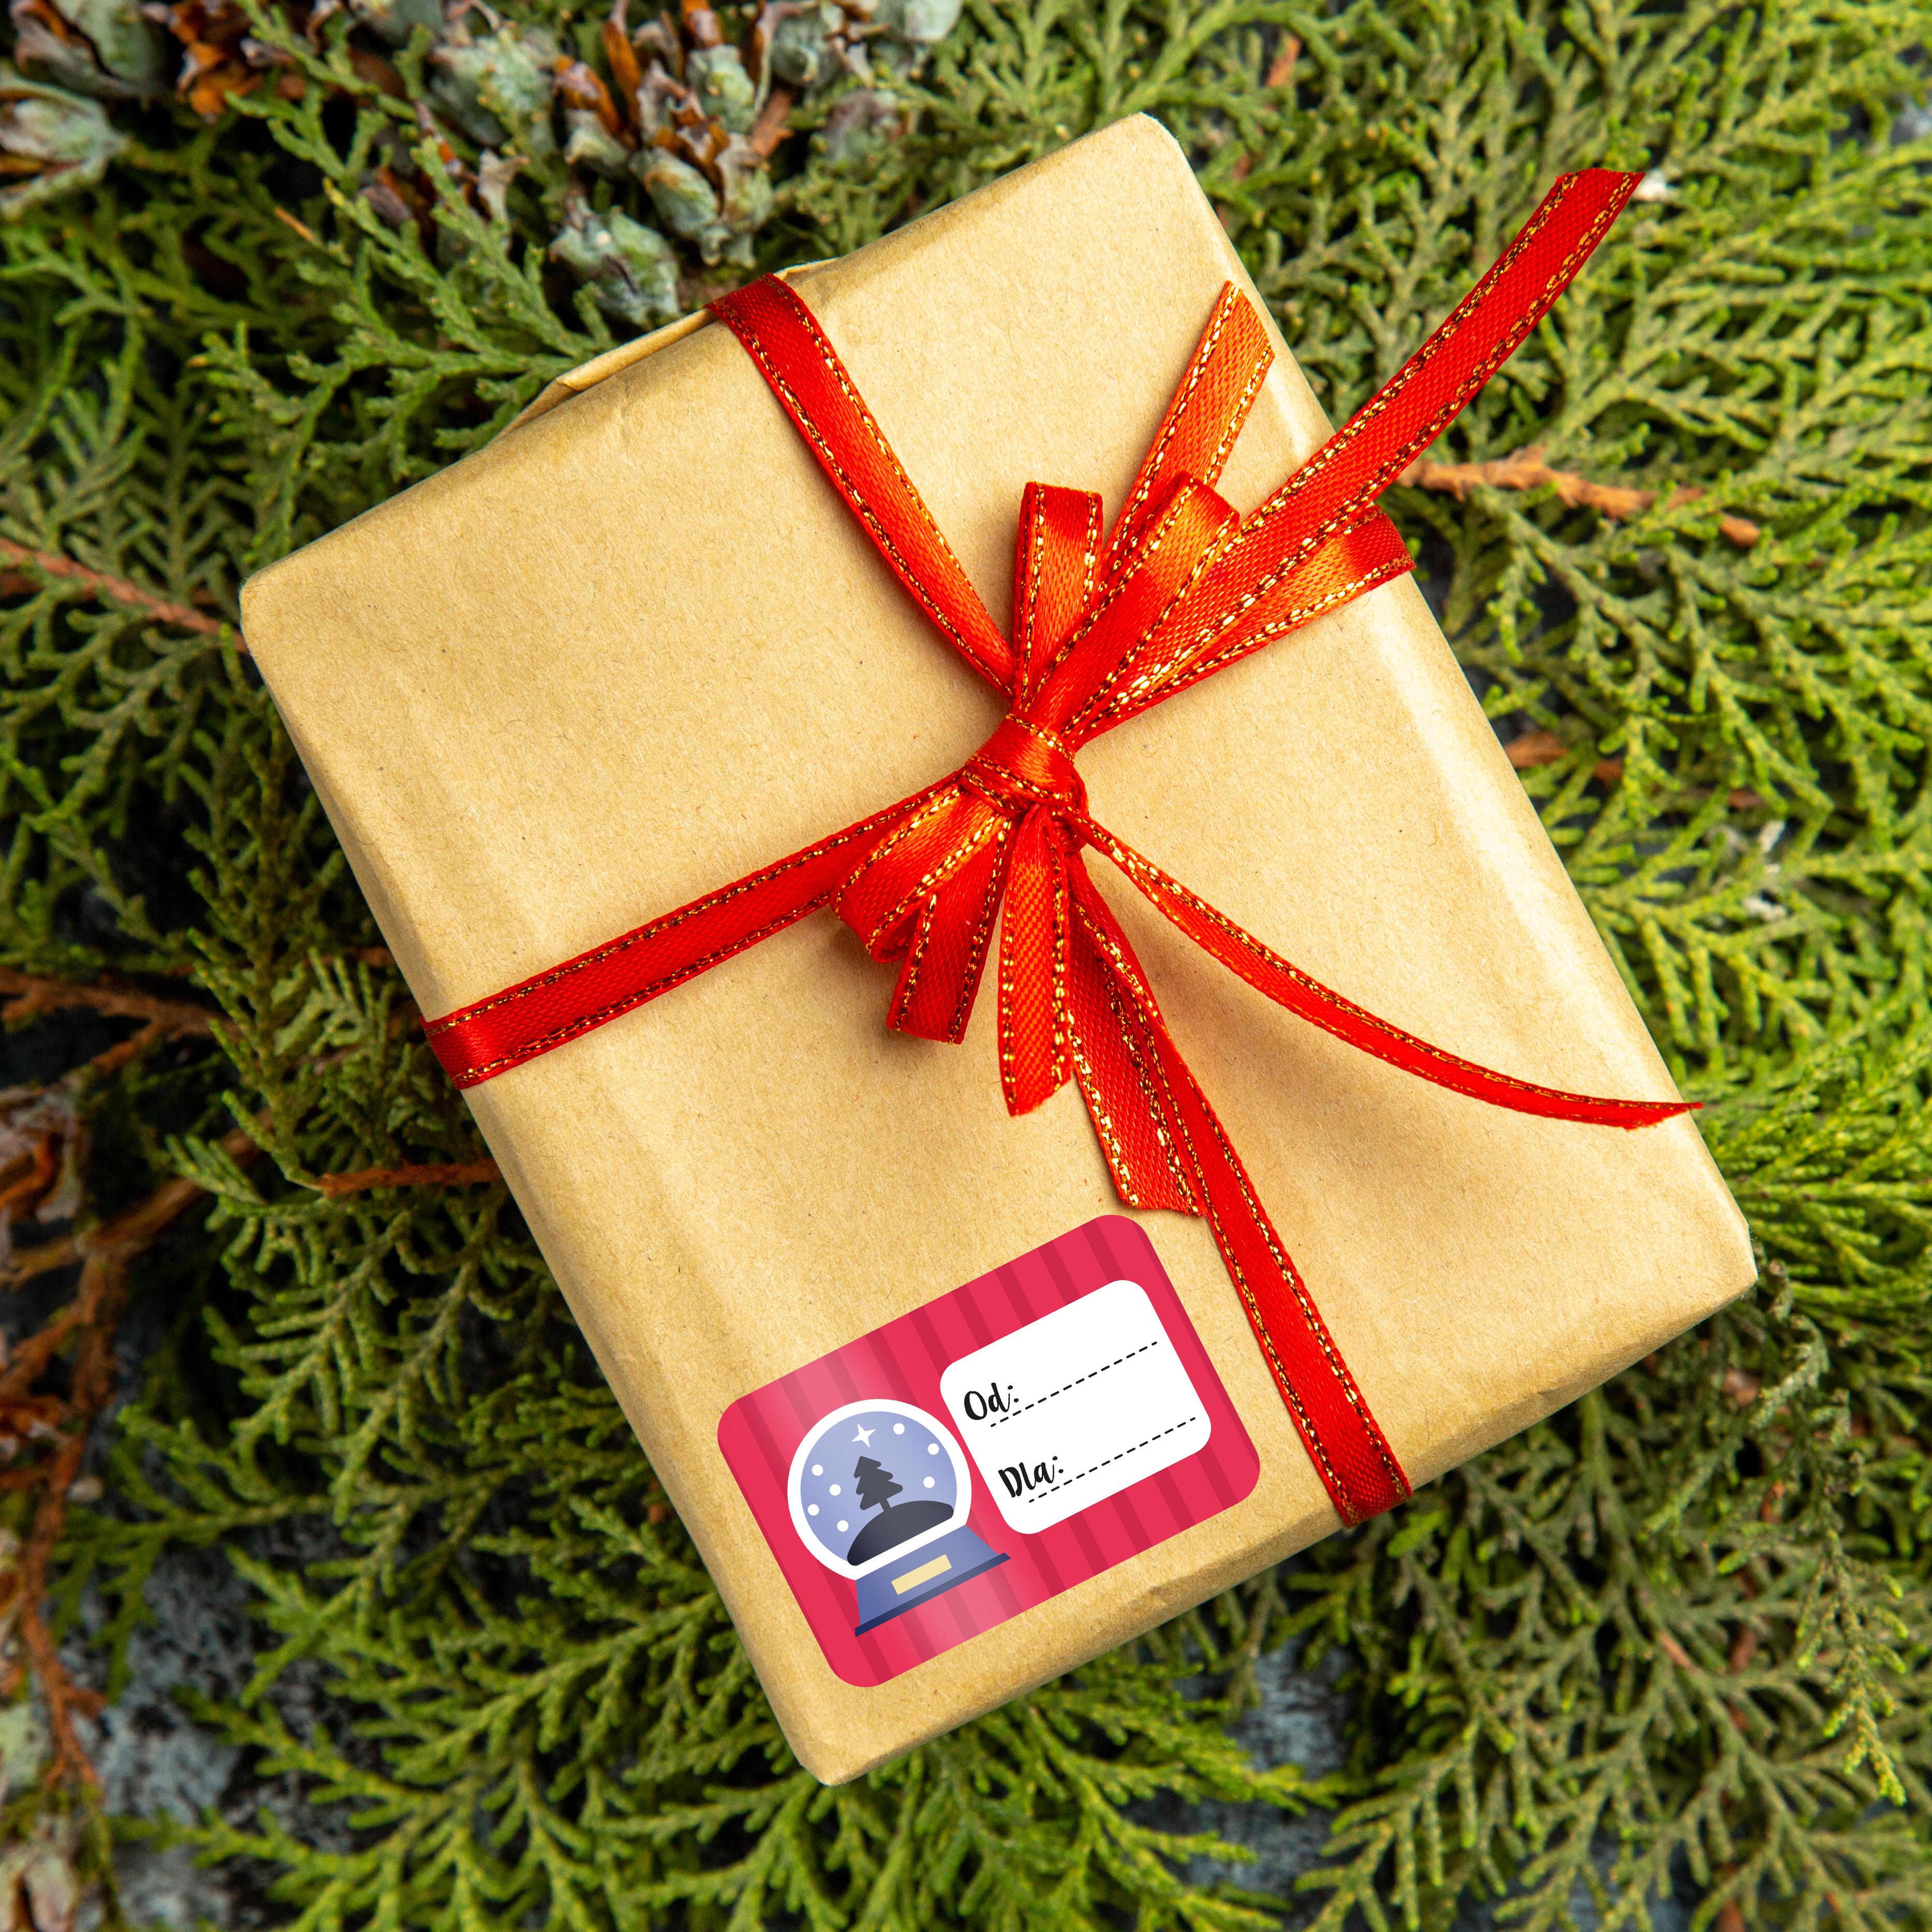 Naklejki świąteczne na prezenty twój podpis mix wzorów zestaw_3